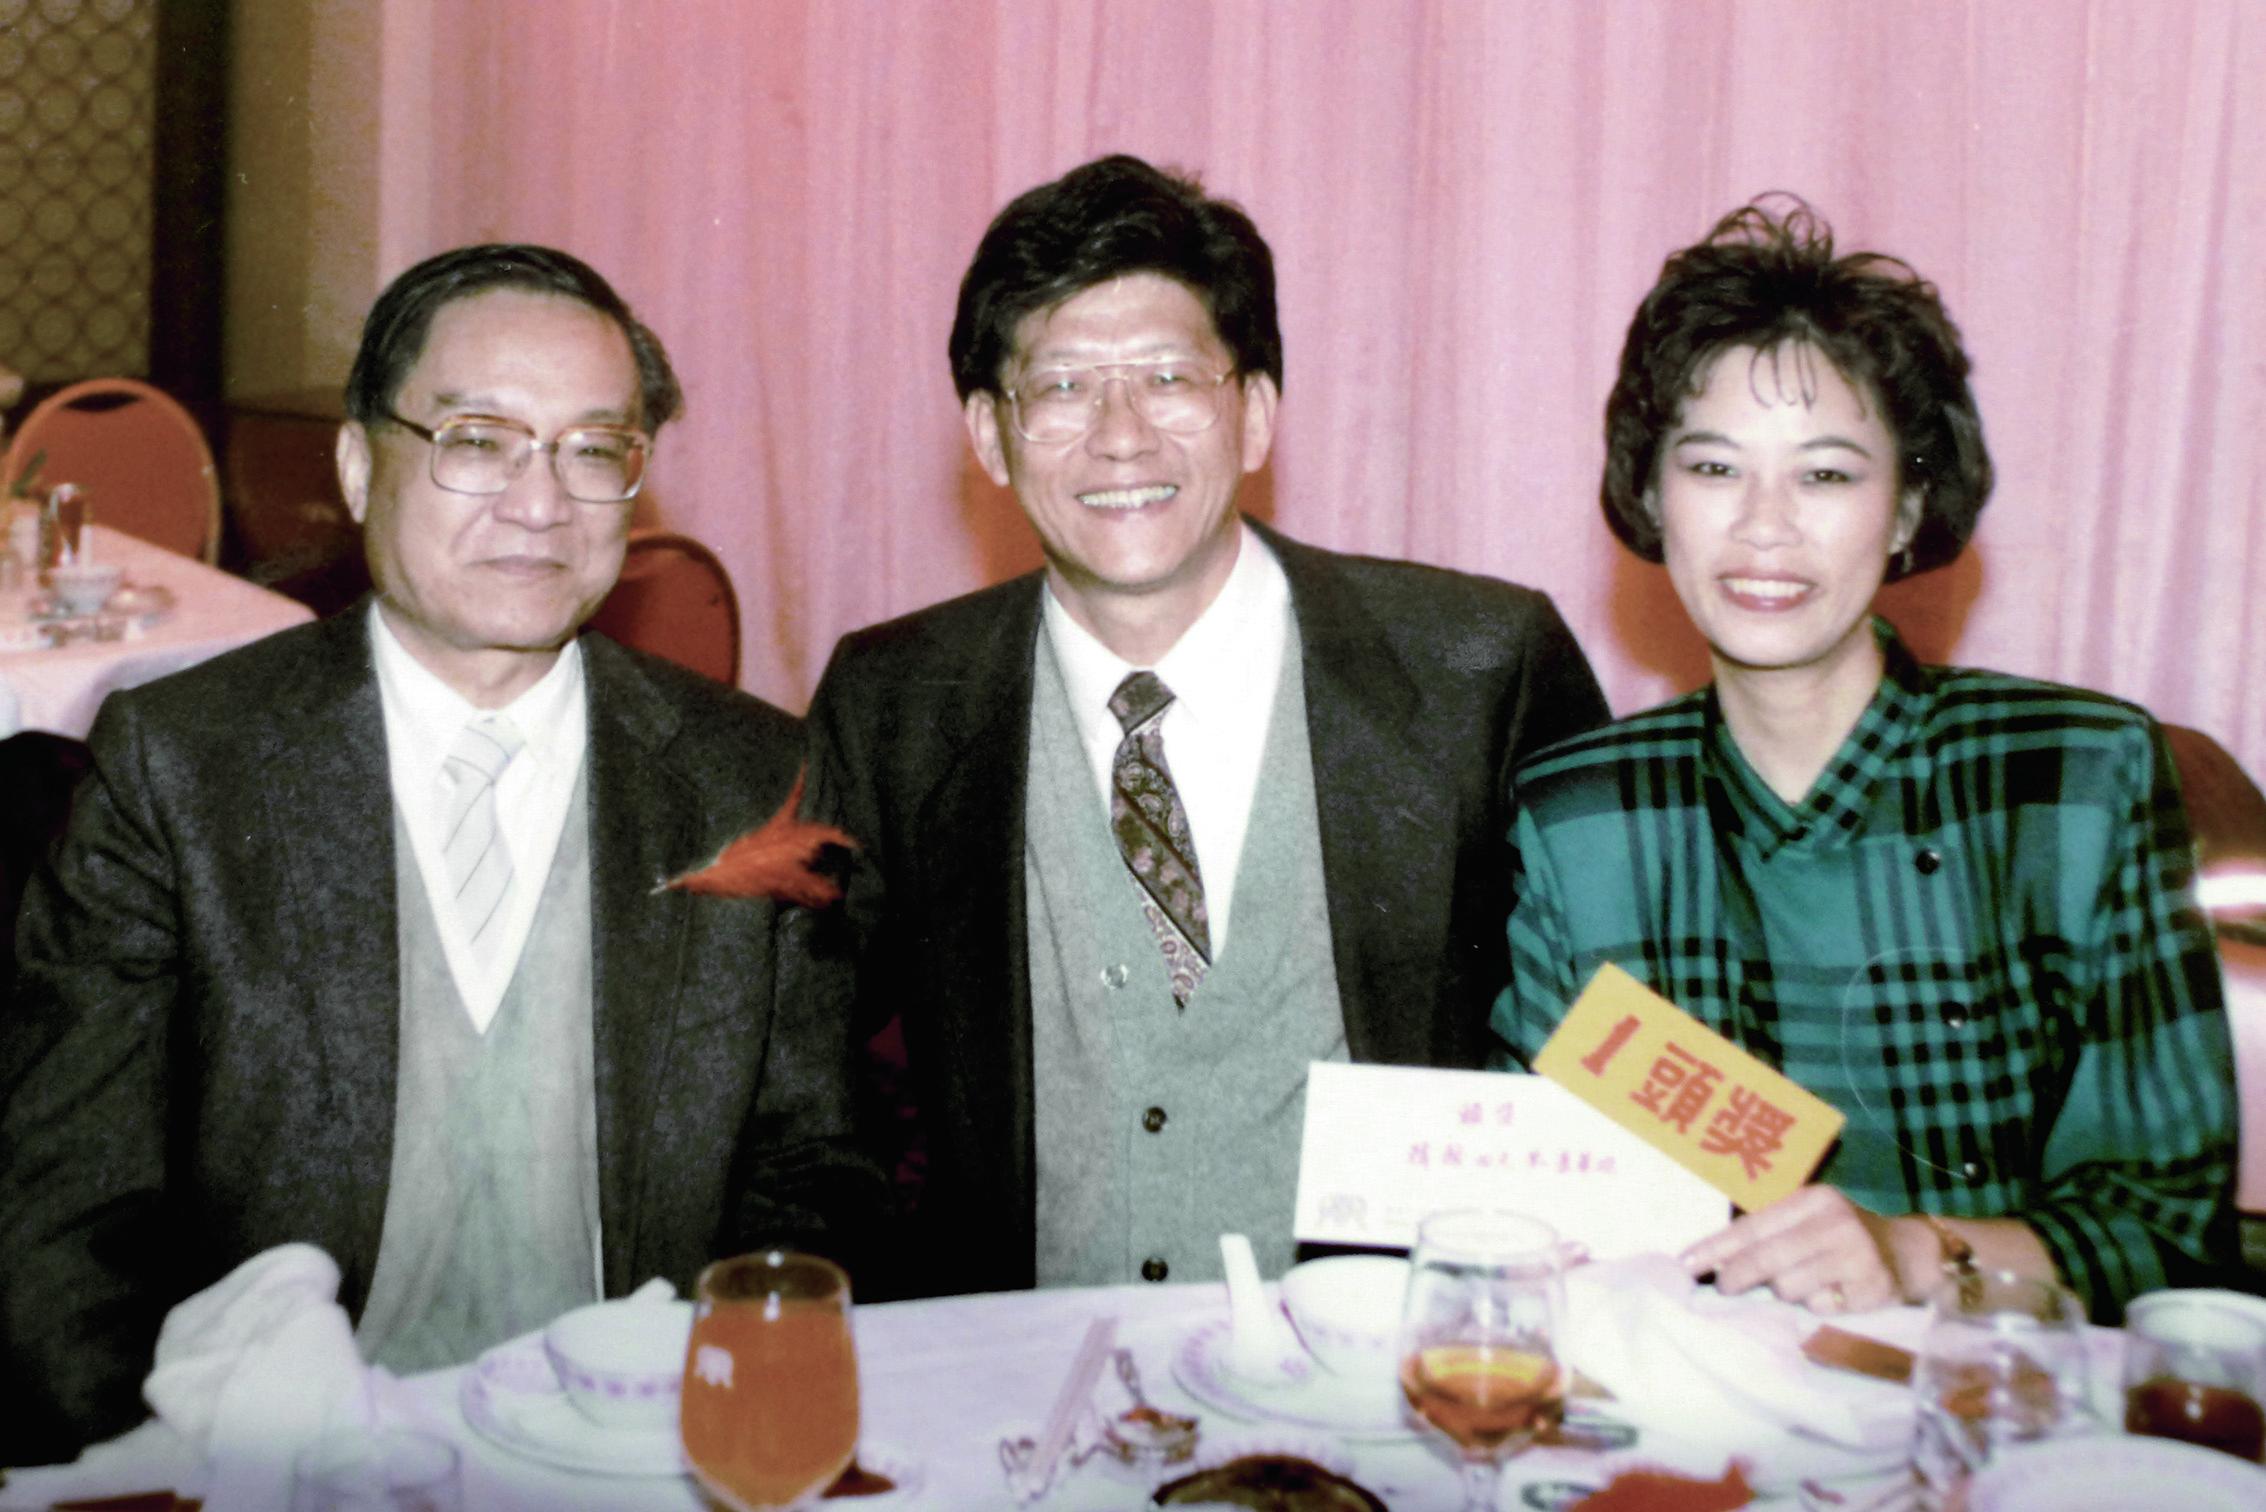 由於性格相近,查良鏞與王世瑜除了上司和下屬的關係,還為通家之好。圖為查氏與王氏伉儷,時為1985年。